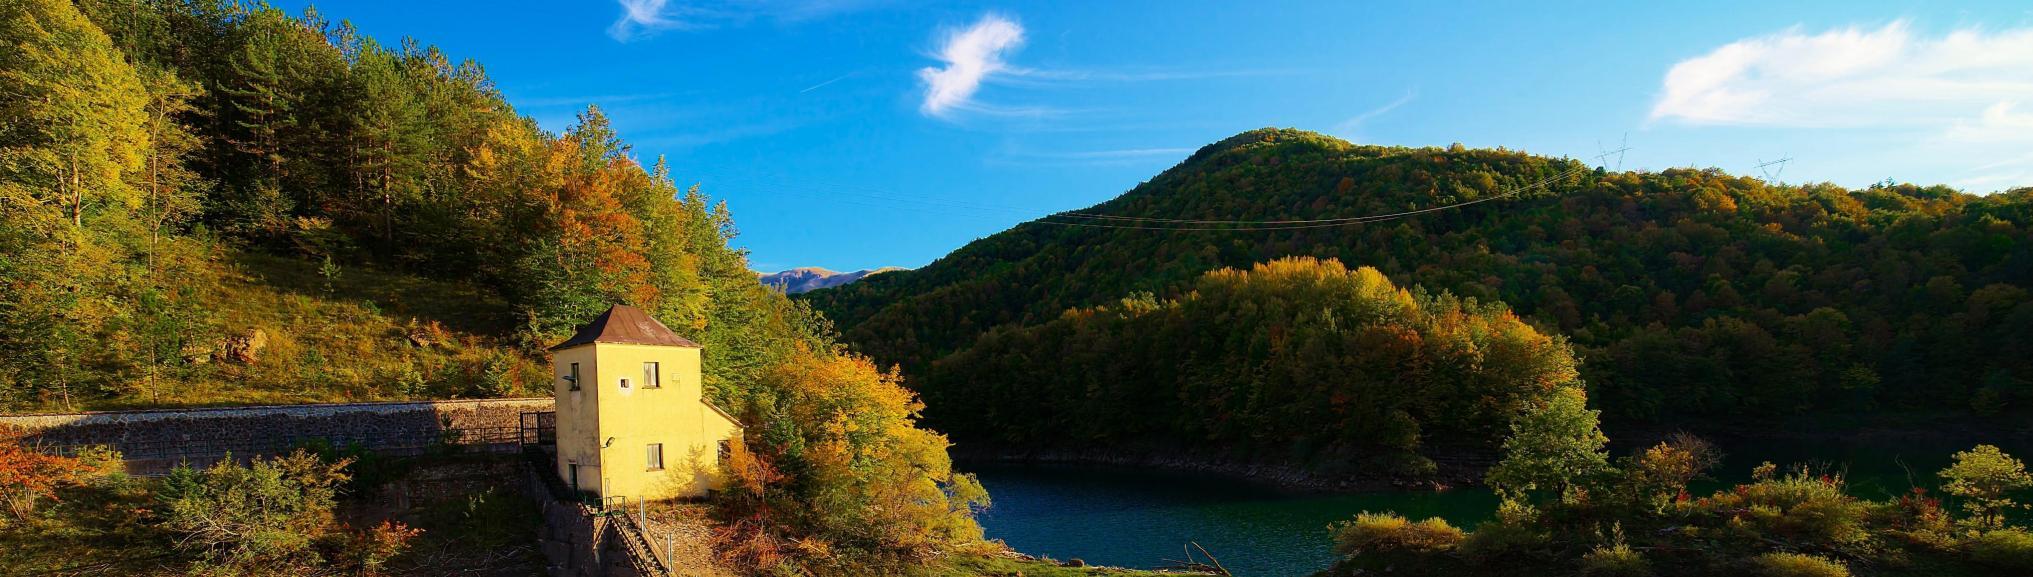 Lago di Provvidenza, Abruzzen